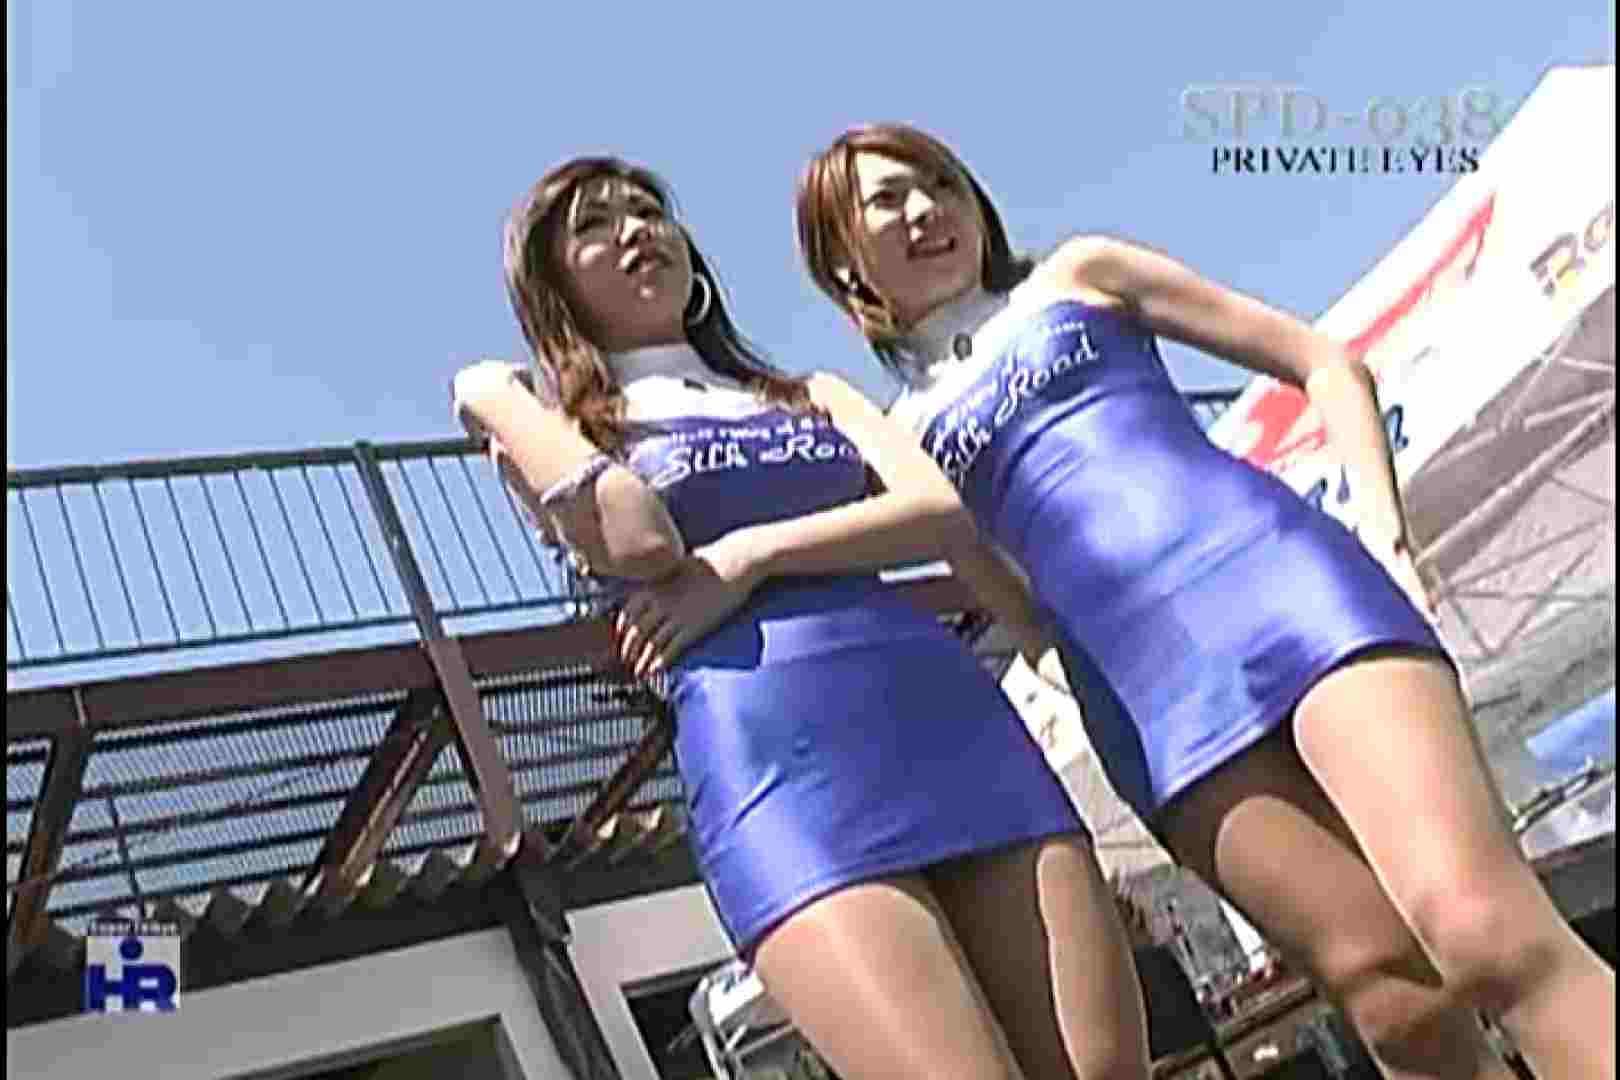 高画質版!SPD-038 サーキットの女神達 仙台ハイランドレースウェイ 名作   高画質  99画像 28